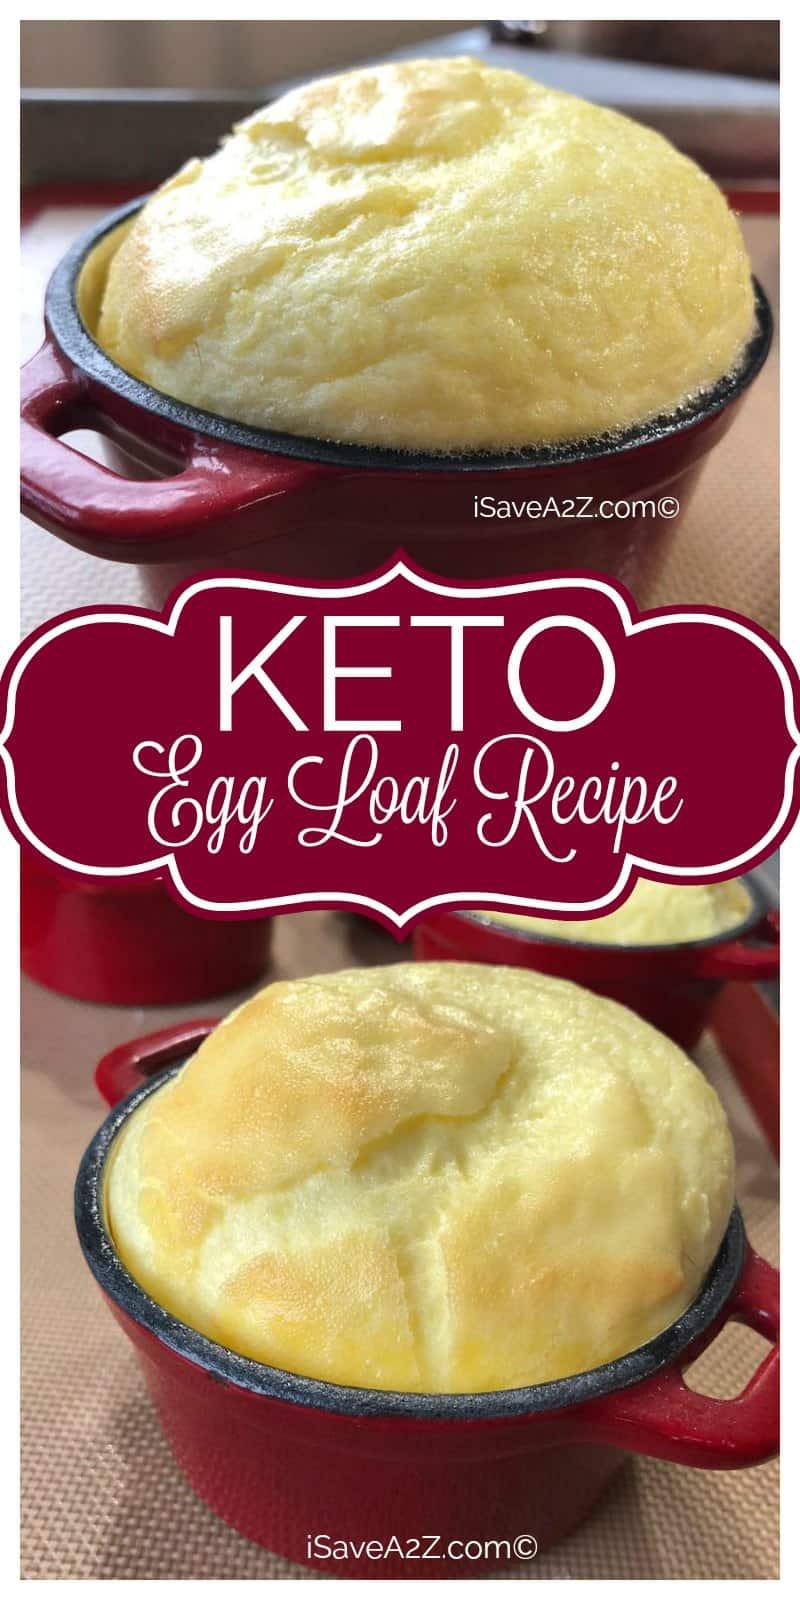 Keto Egg Loaf Recipe pinterest